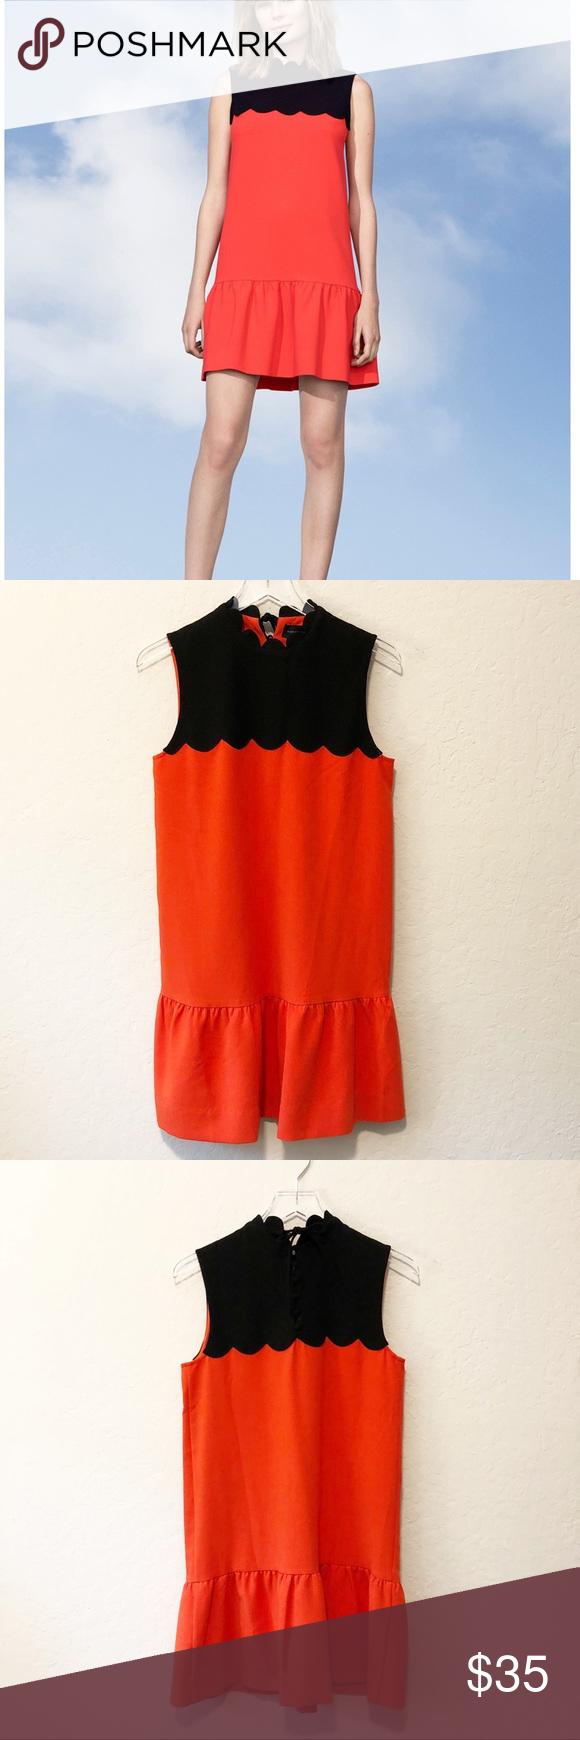 Victoria Beckham For Target Orange Dress Victoria Beckham Target Orange Dress Victoria Beckham [ 1740 x 580 Pixel ]